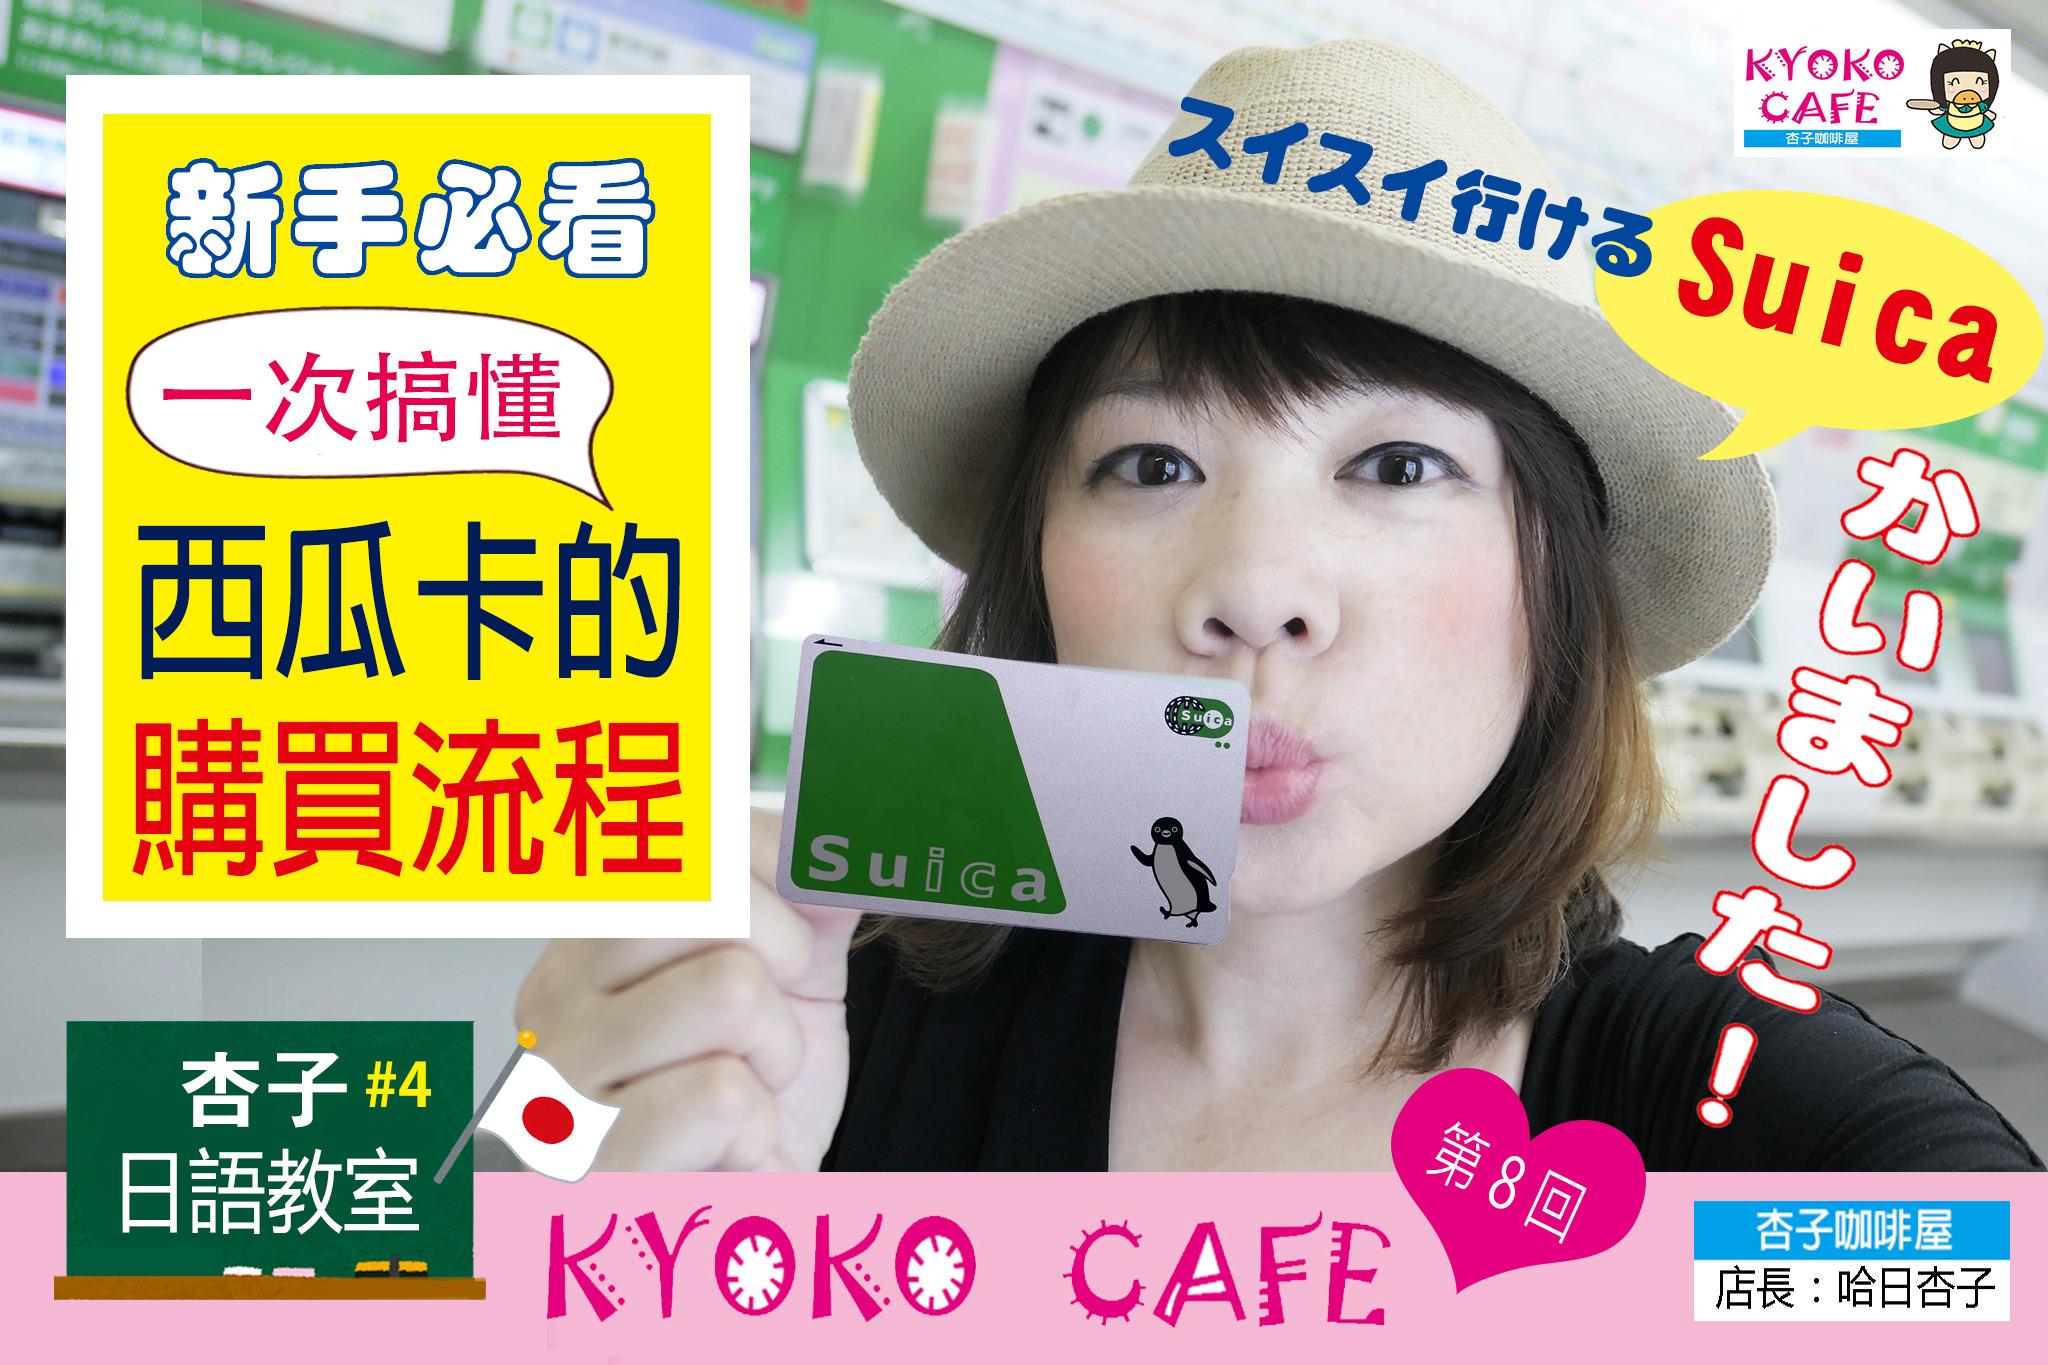 東京自助旅行新手必看 | 一次搞懂西瓜卡的購買流程&售票機上的日文單字